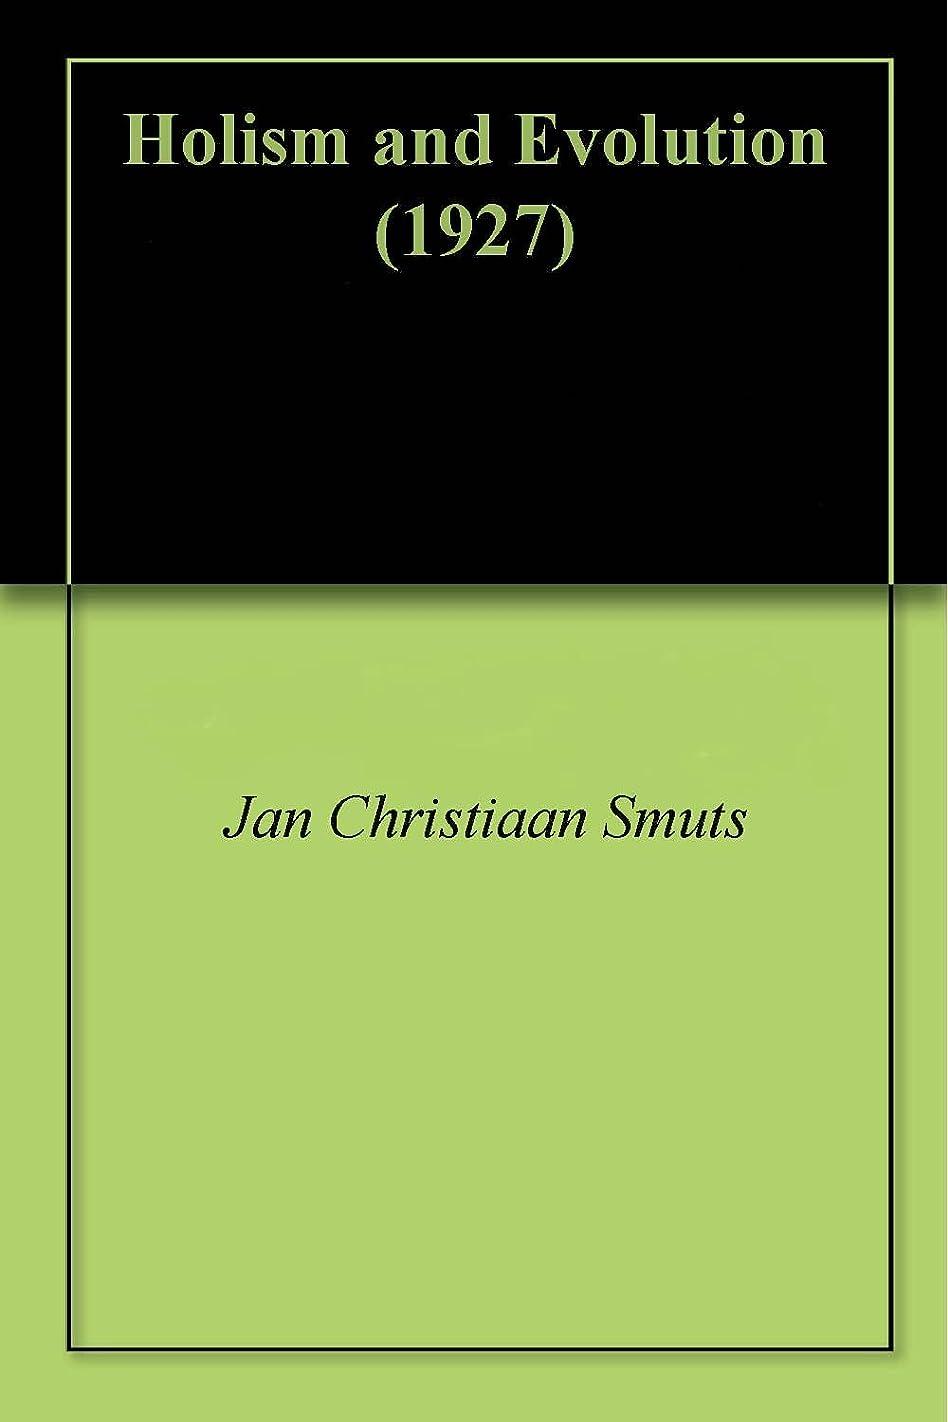 めまい望まないレコーダーHolism and Evolution (1927) (English Edition)